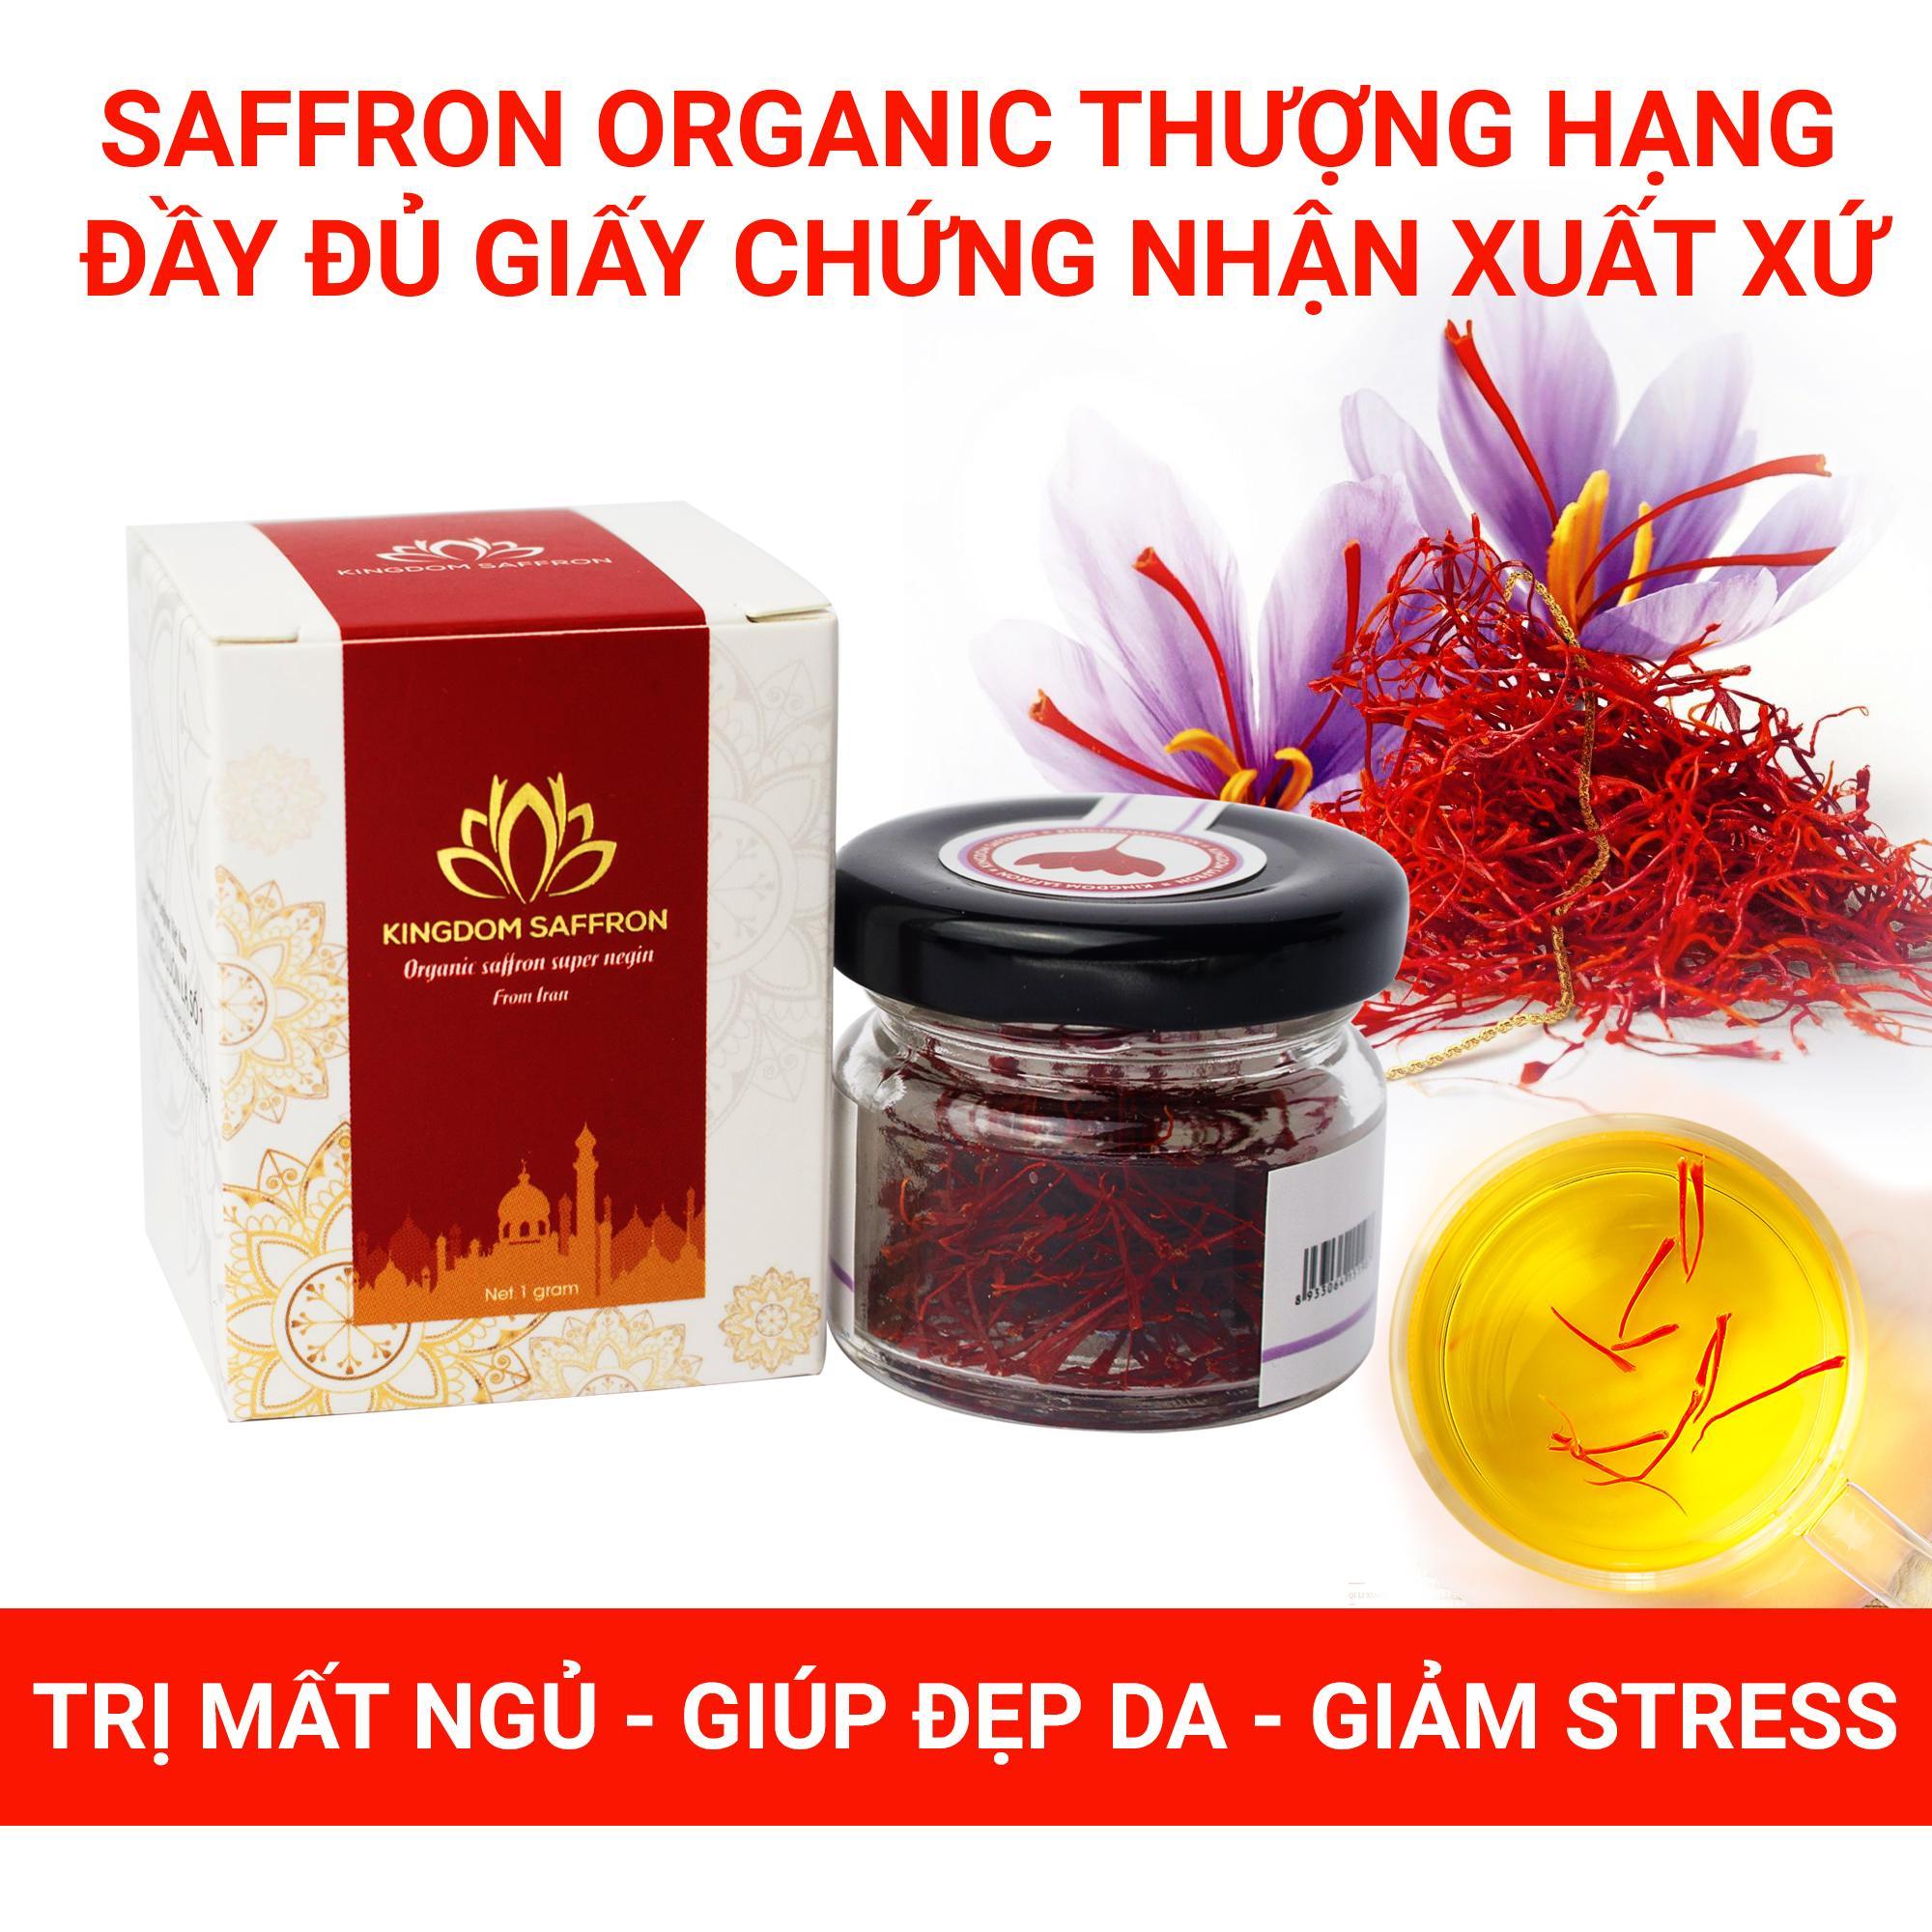 Voucher Khuyến Mãi Saffron KingDom - Nhụy Hoa Nghệ Tây Iran Loại Super Negin Thượng Hạng Hộp 1 Gram